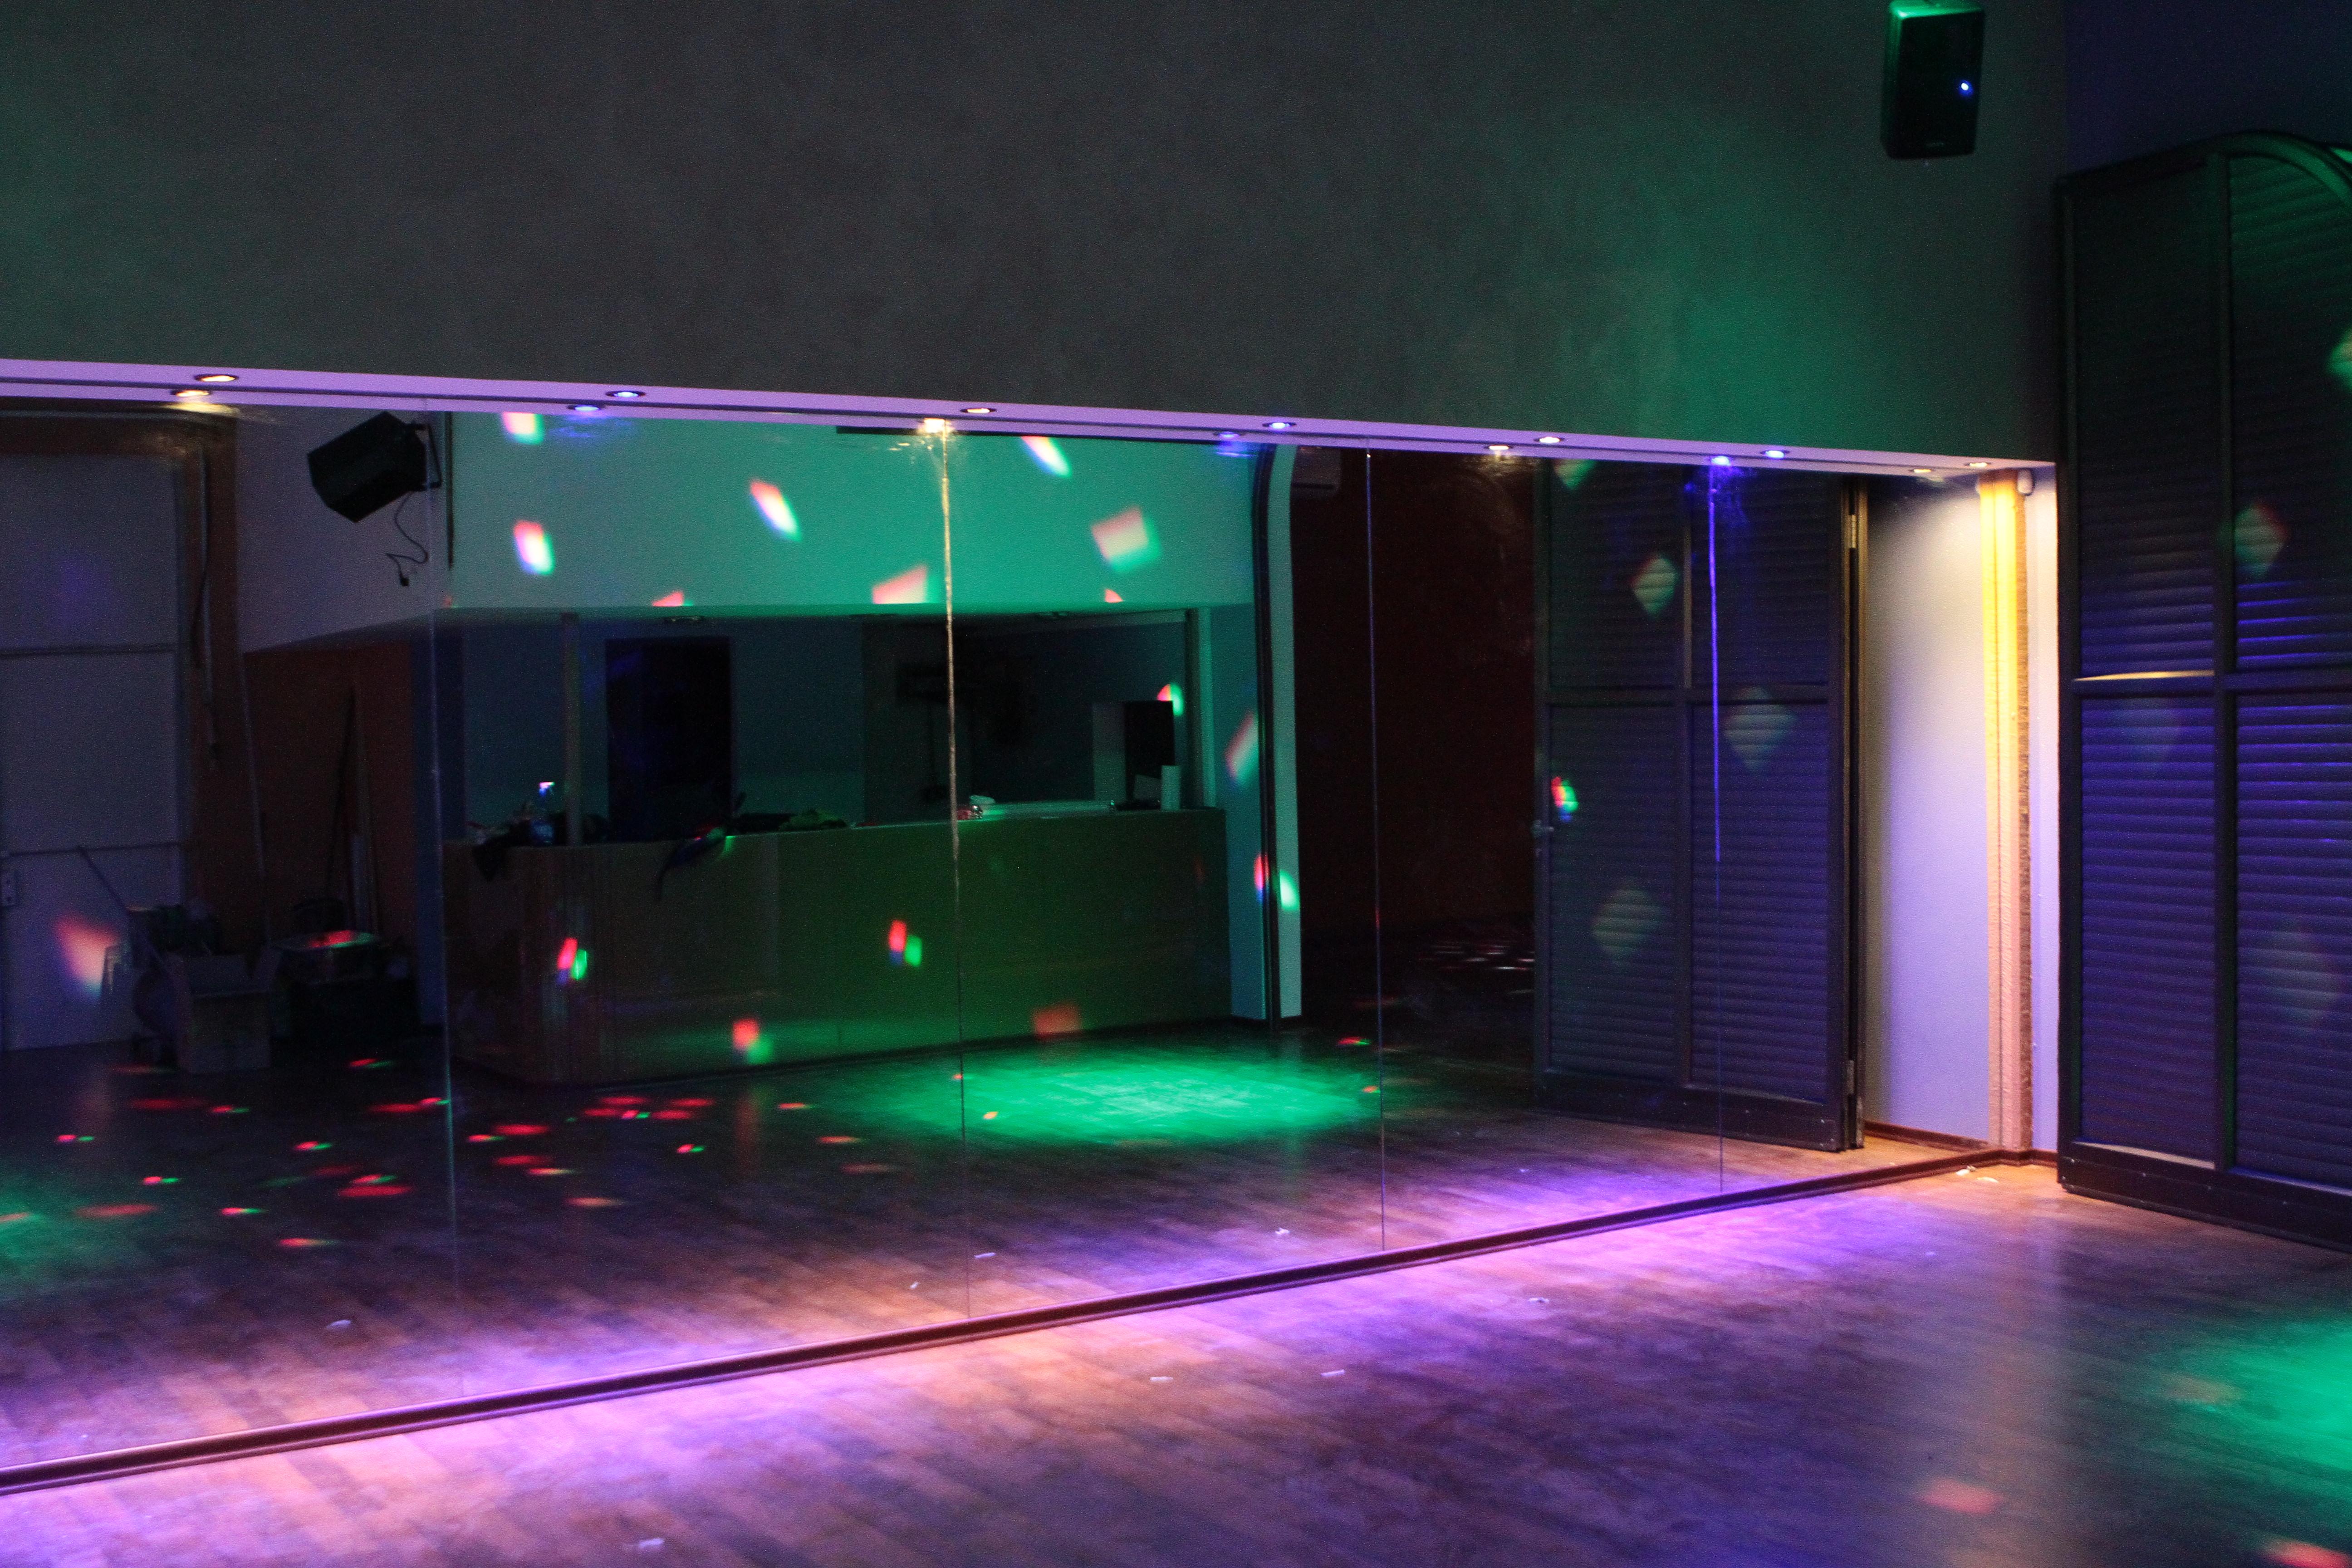 אחד האולמות